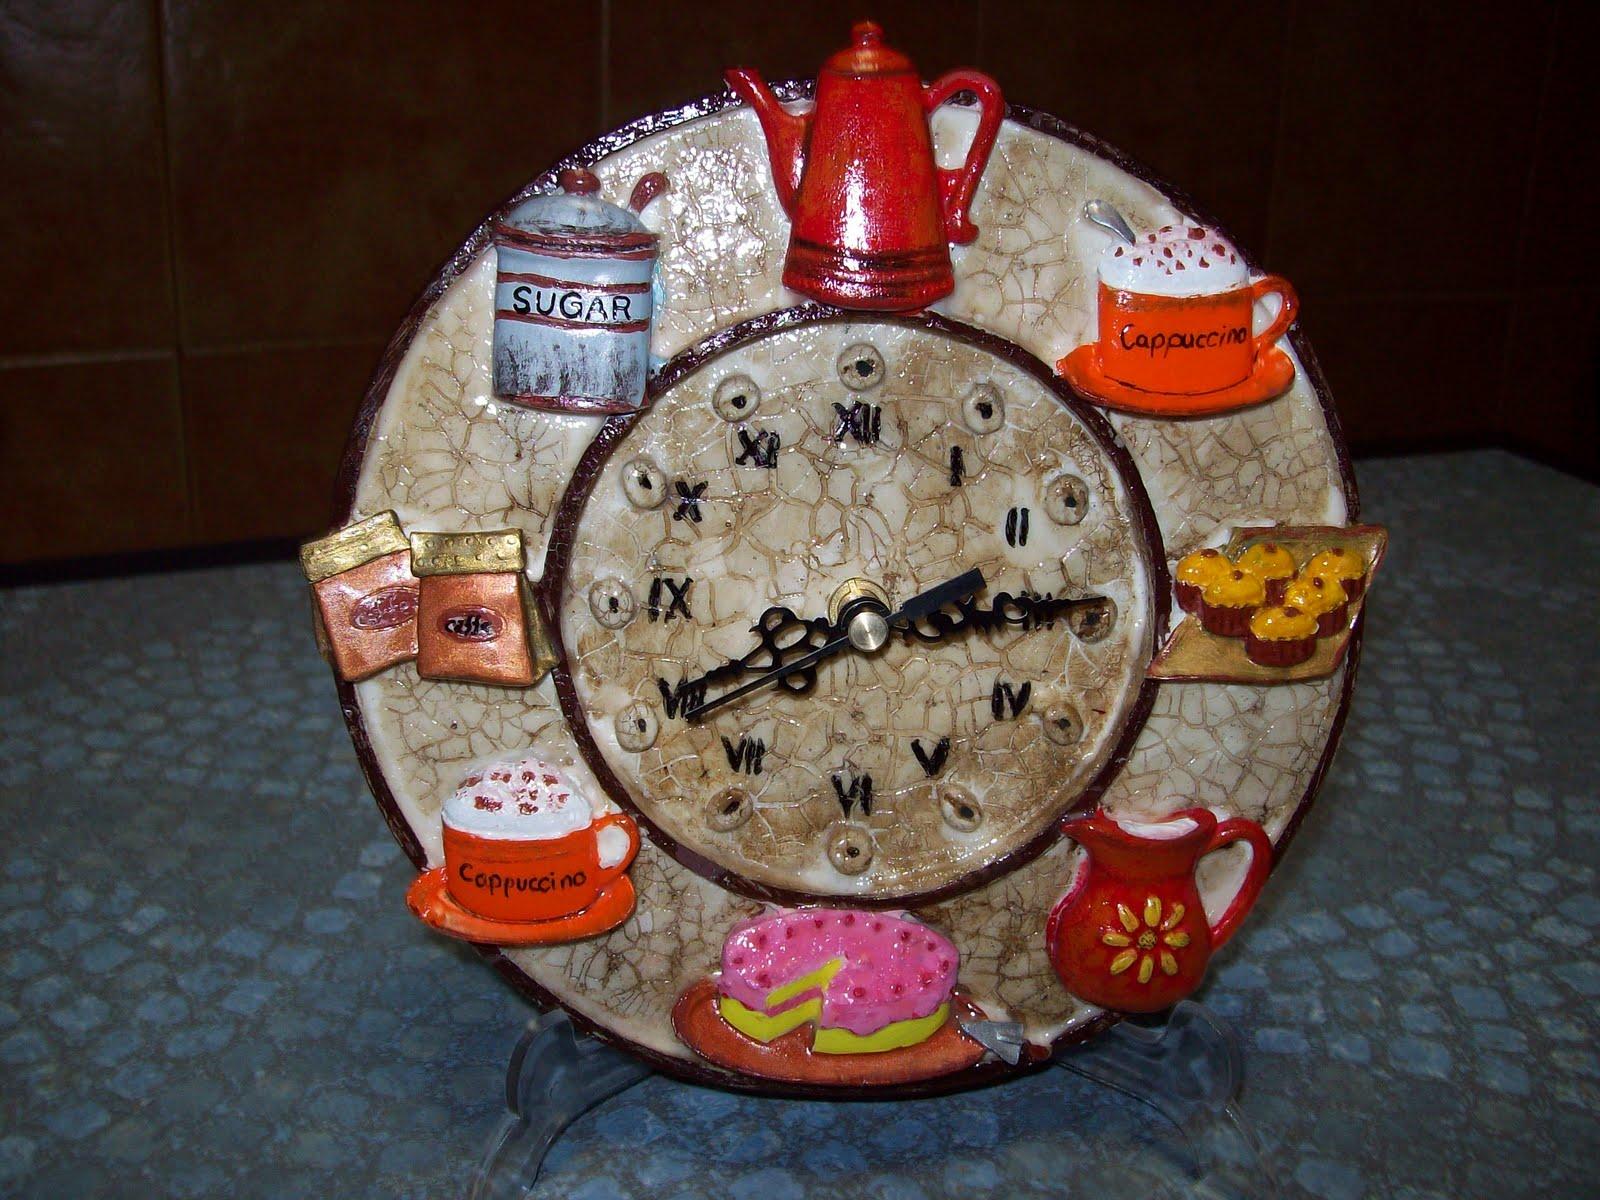 Manualidades artesania y decoraciones reloj con craquel - Artesania y decoracion ...